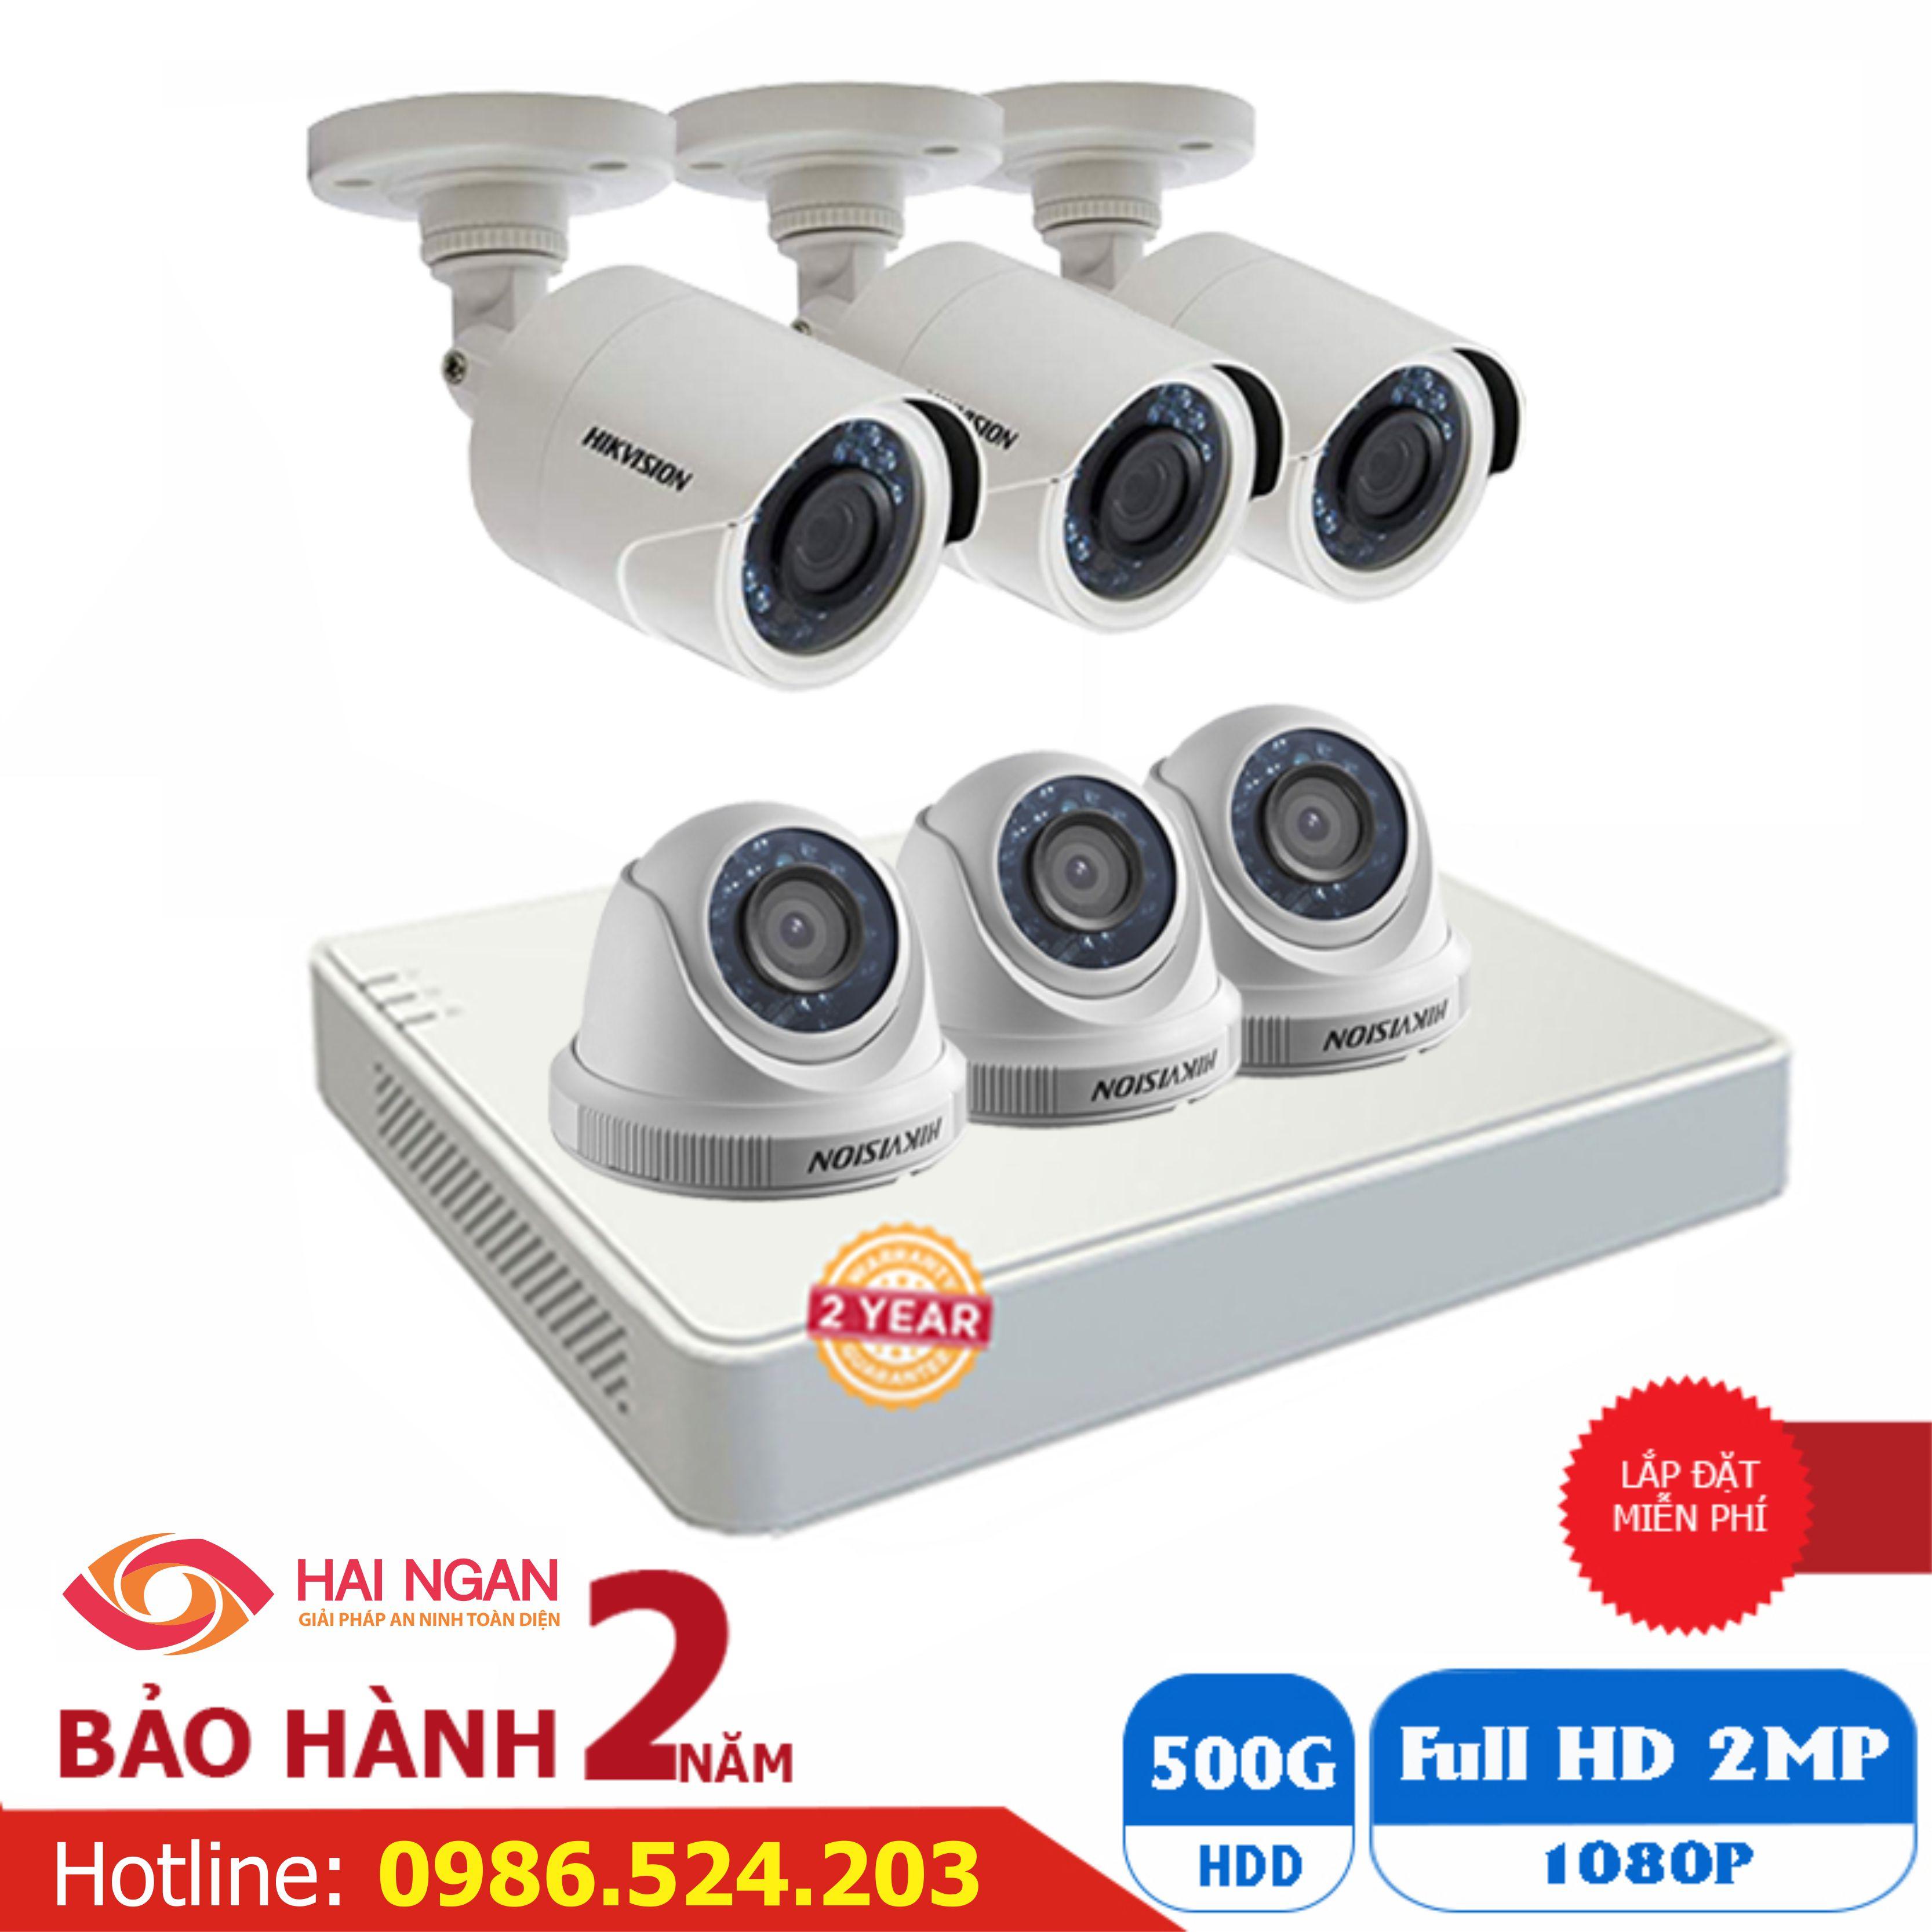 Lắp Đặt Trọn Bộ 06 Camera Giám Sát Hikvision Full HD HN-6CE566D0T